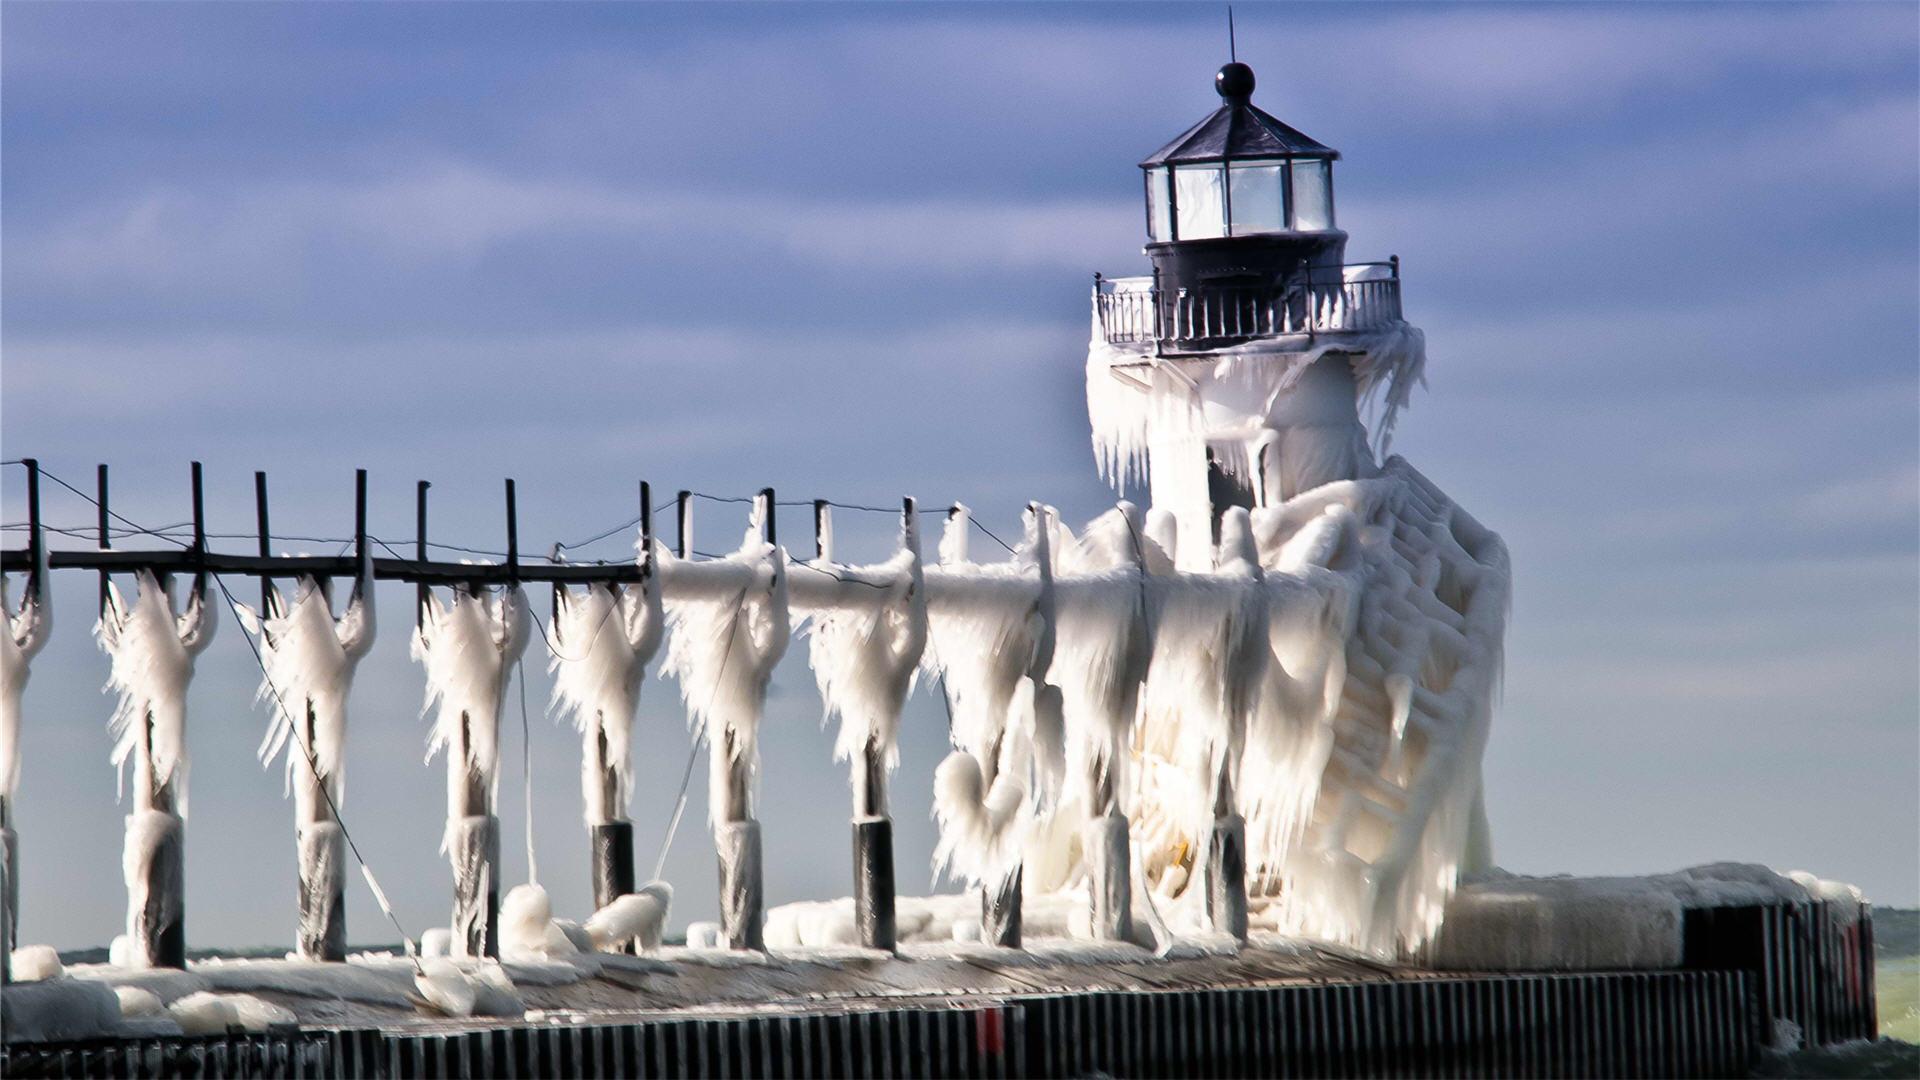 Winter Lighthouse wallpaper   755485 1920x1080